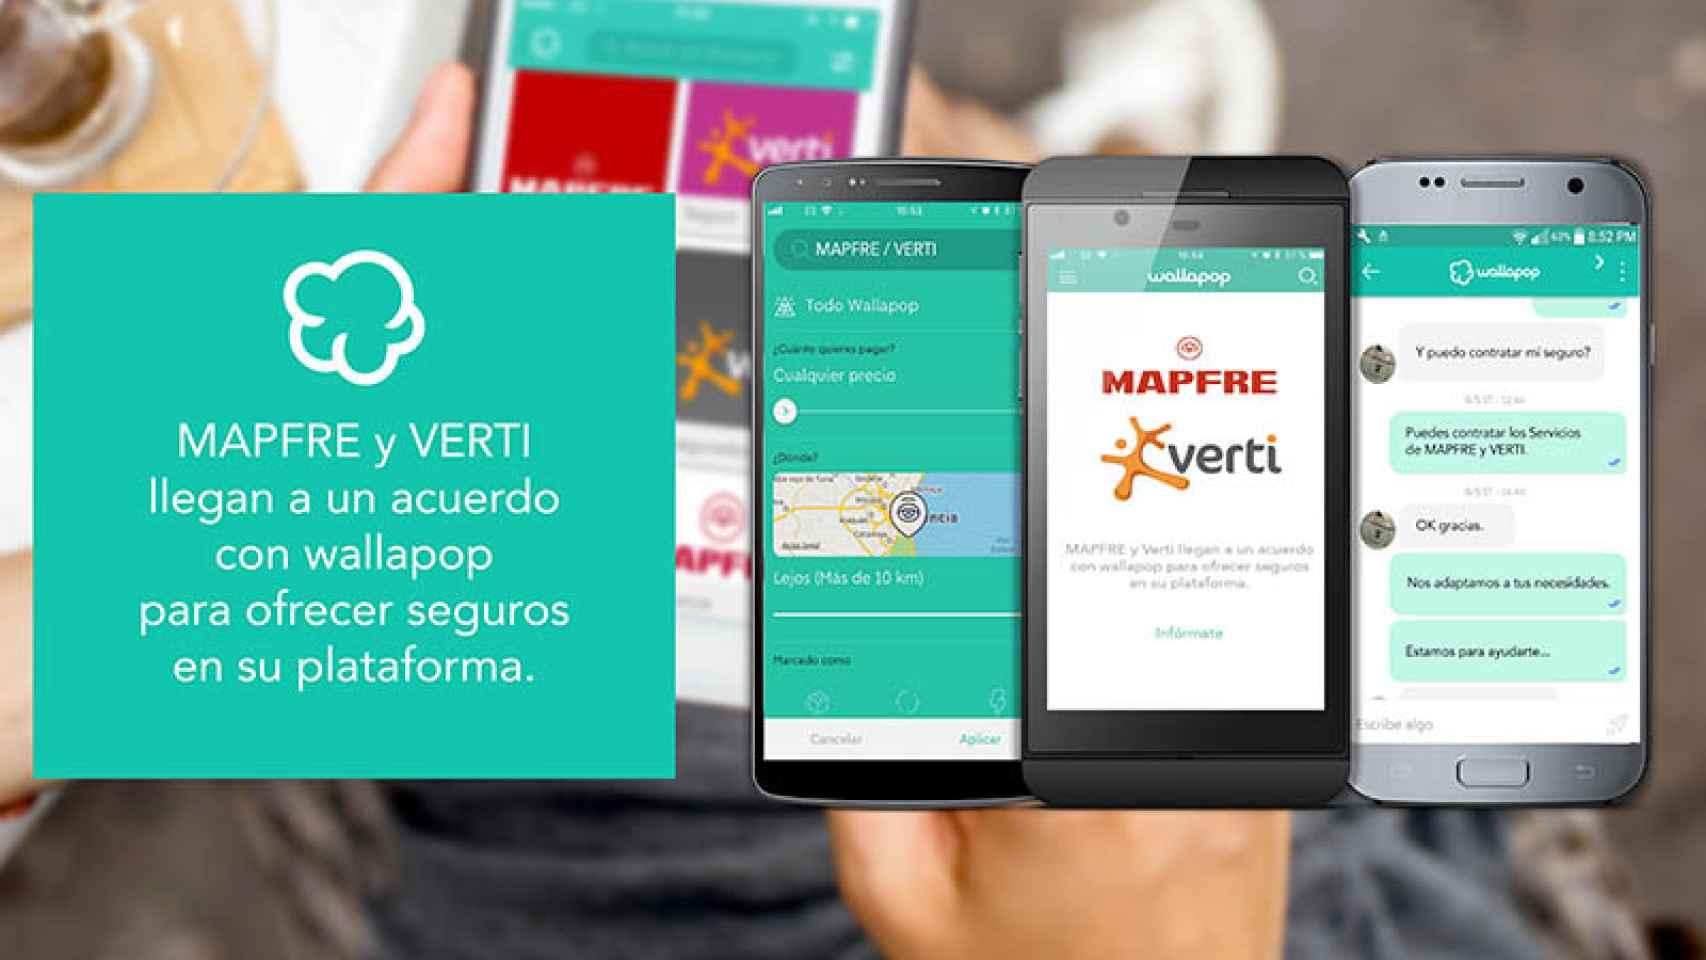 Imagen promocional del acuerdo de Mapfre, Verti y Walapop.